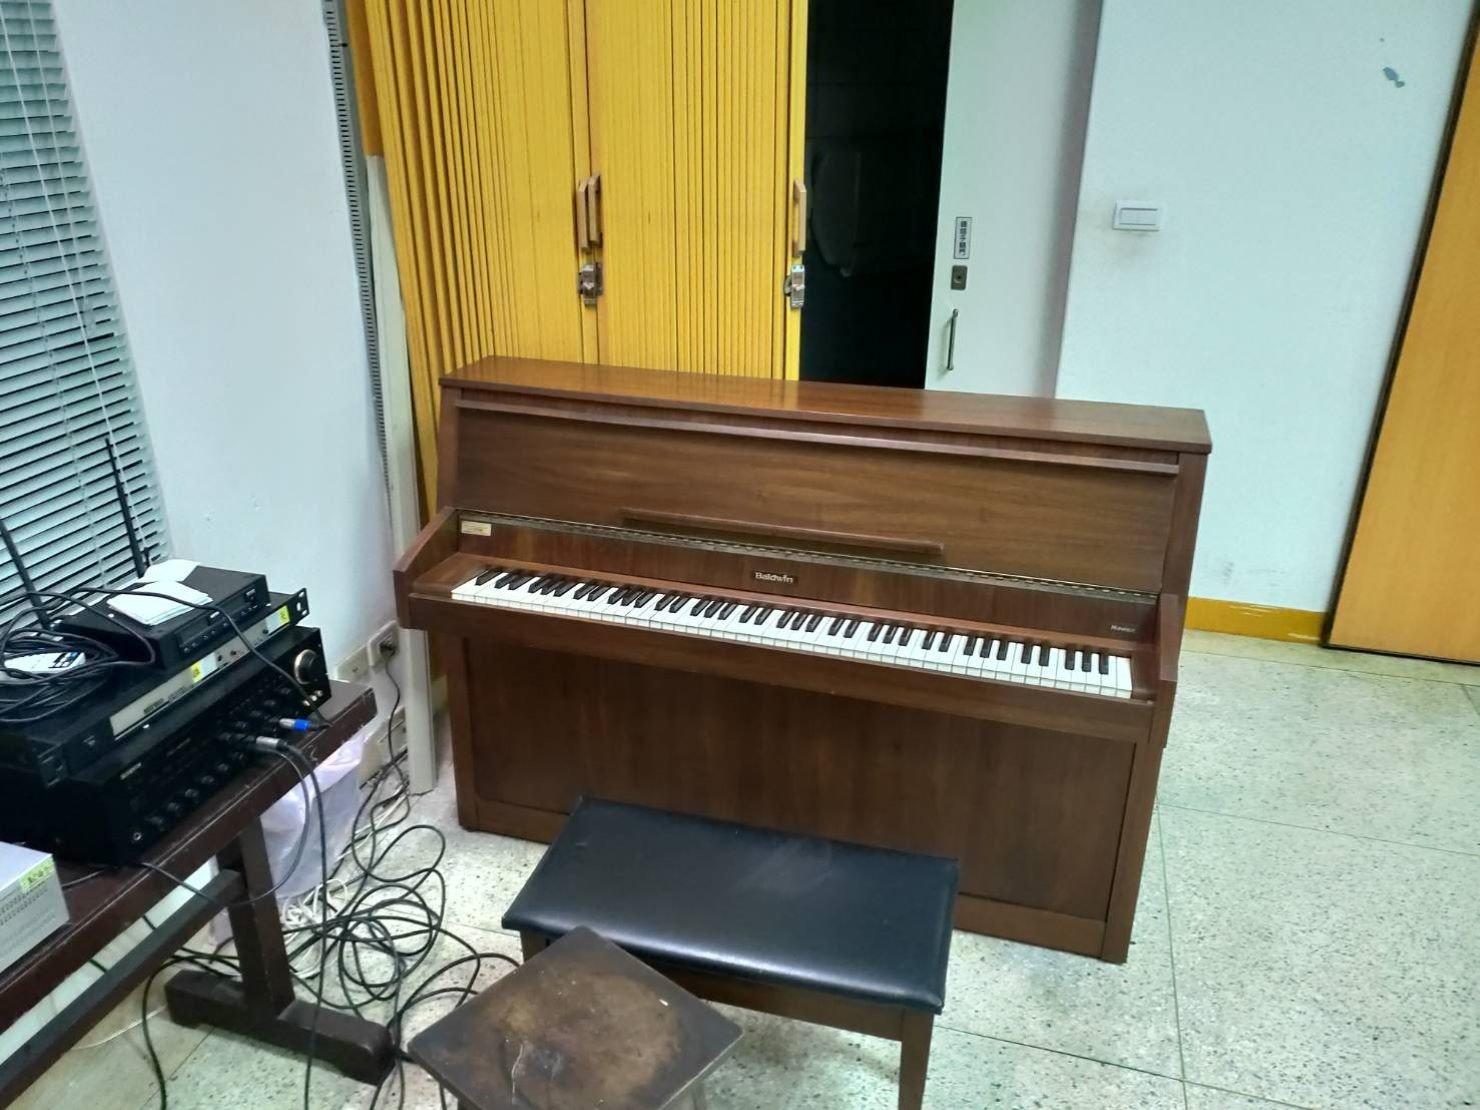 精搬鋼琴【榮福搬家】搬運鋼琴公司給您最有品質、最安全的搬運服務 鋼琴搬好至新地址就定位完成搬運服務。